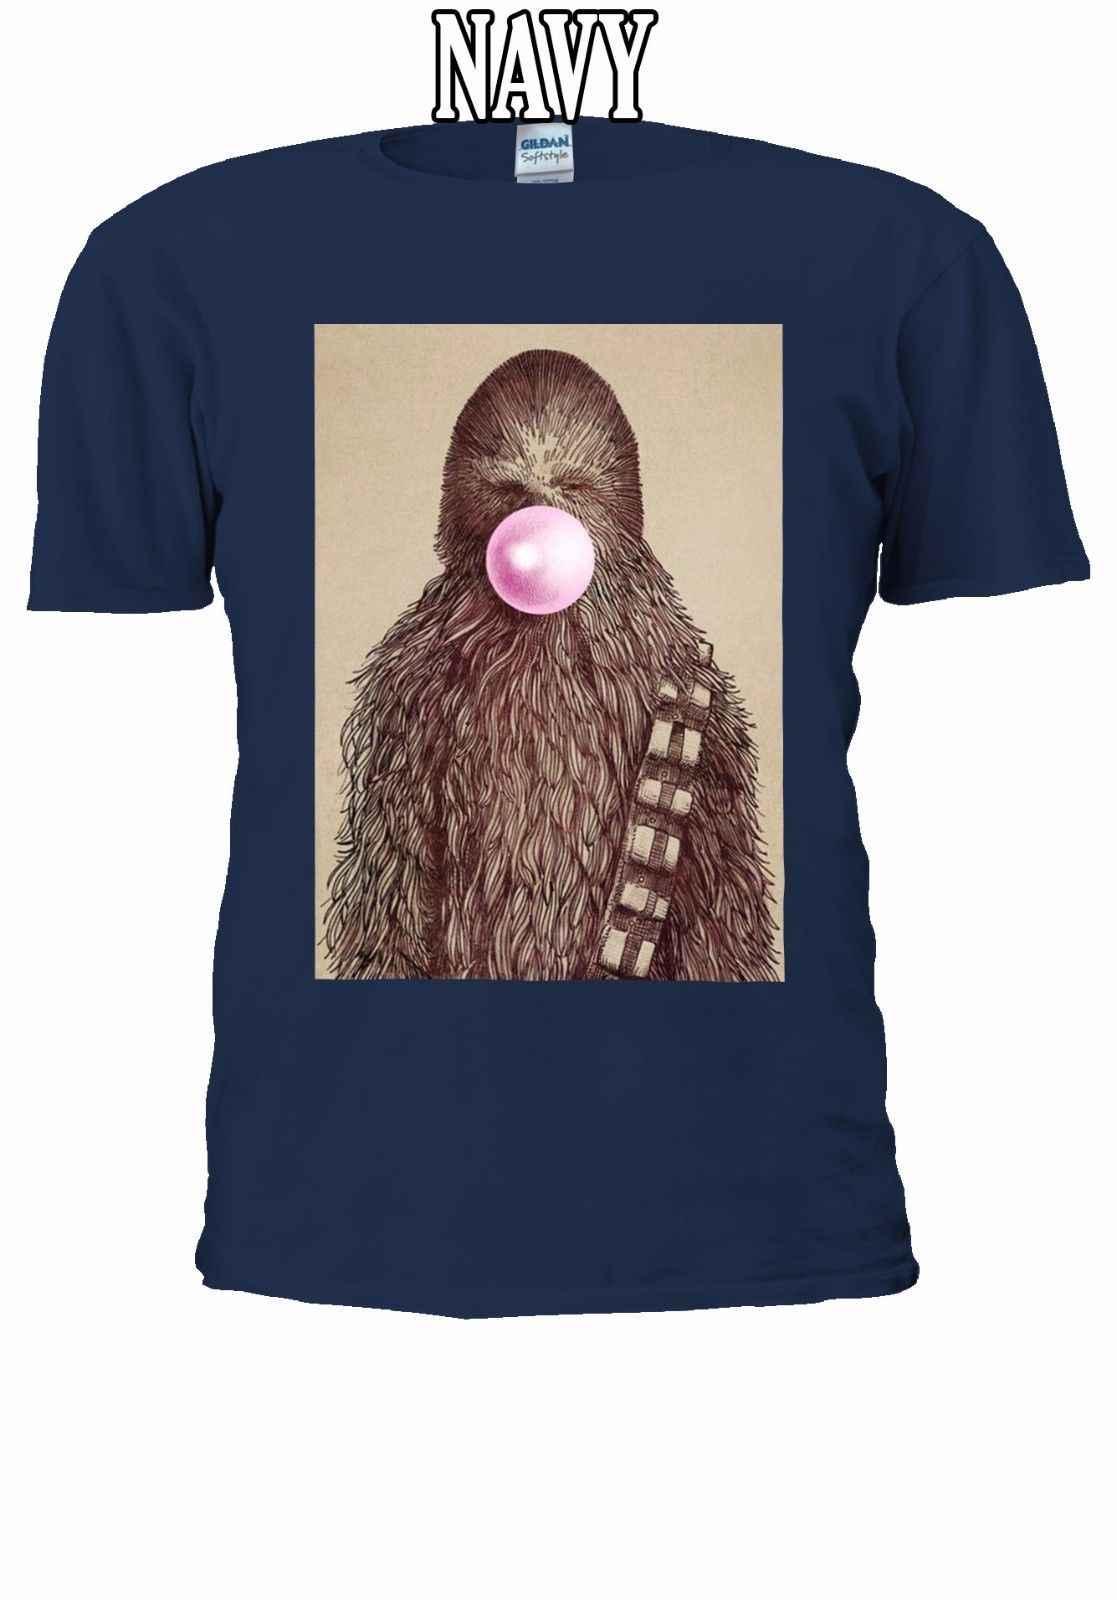 Star Wars Chewbacca Permen Karet T-shirt Rompi Pria Wanita Unisex 2618 Gratis Pengiriman Harajuku Atasan Fashion Classic Unik